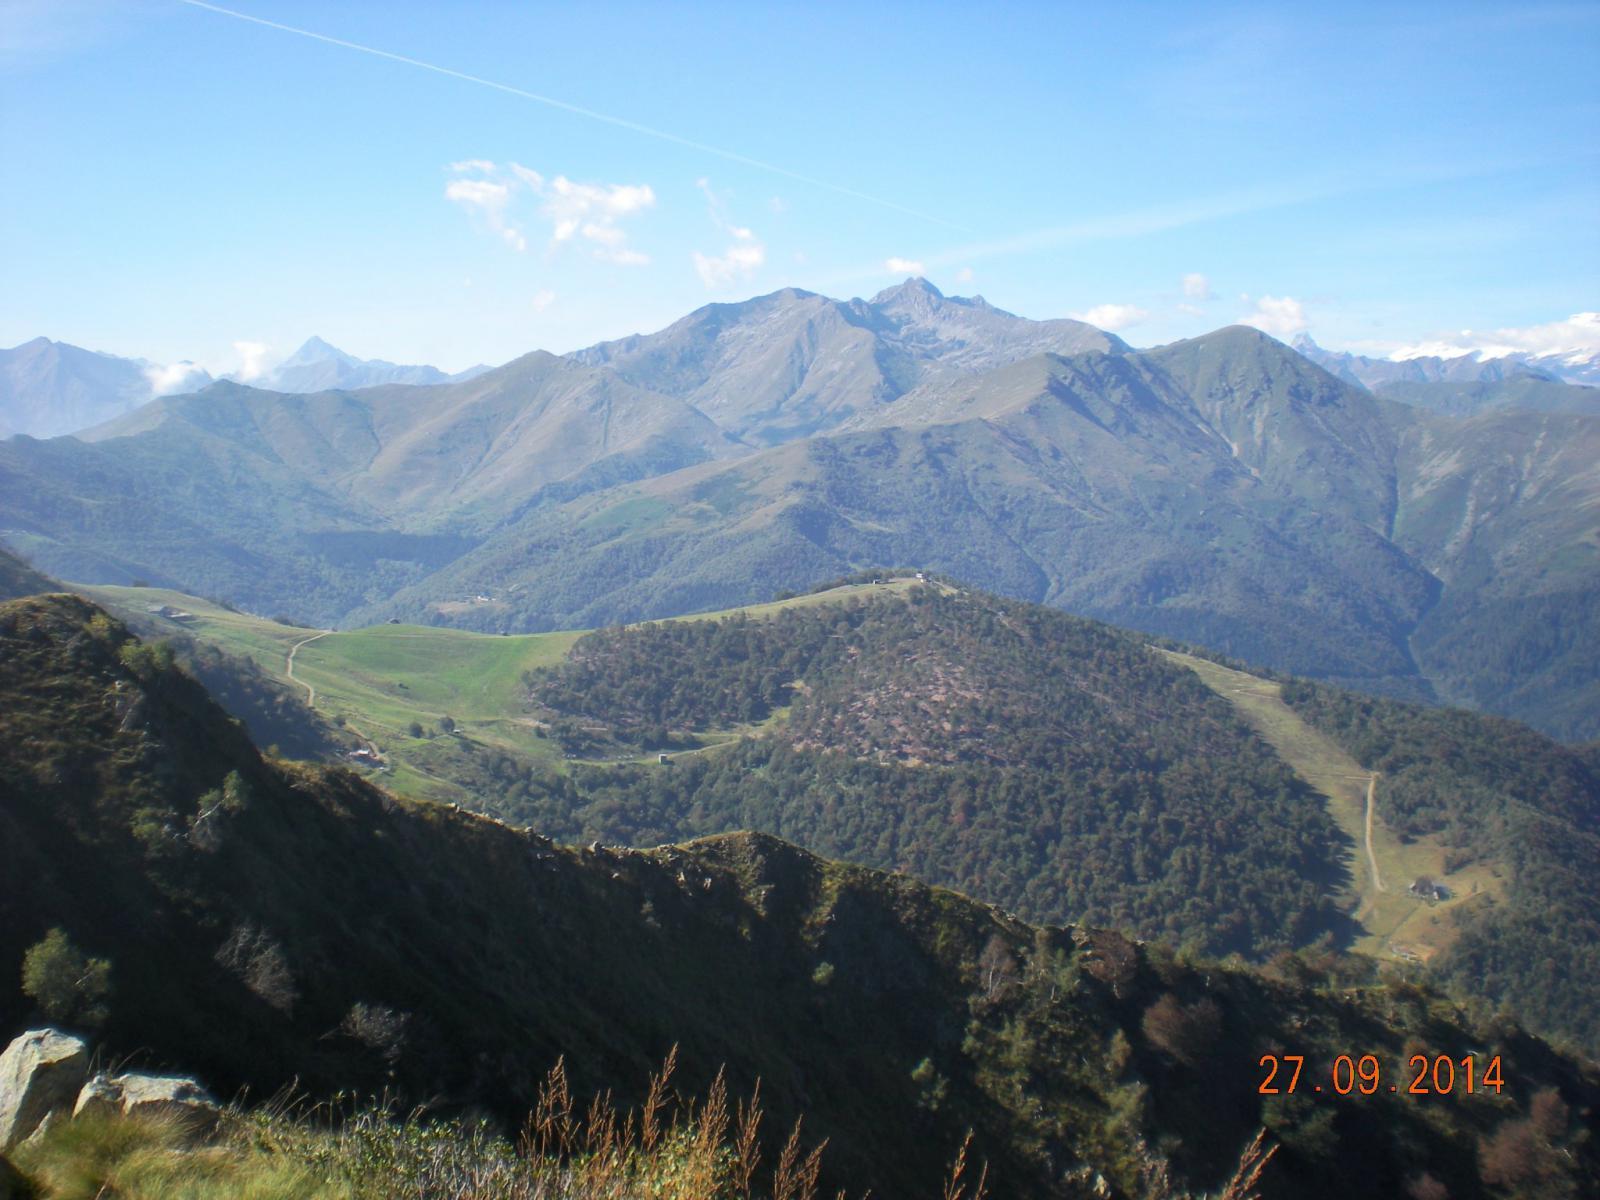 le piste di Bielmonte in livrea estiva, con il Massaro e l'Asnas sovrastati dal Bò